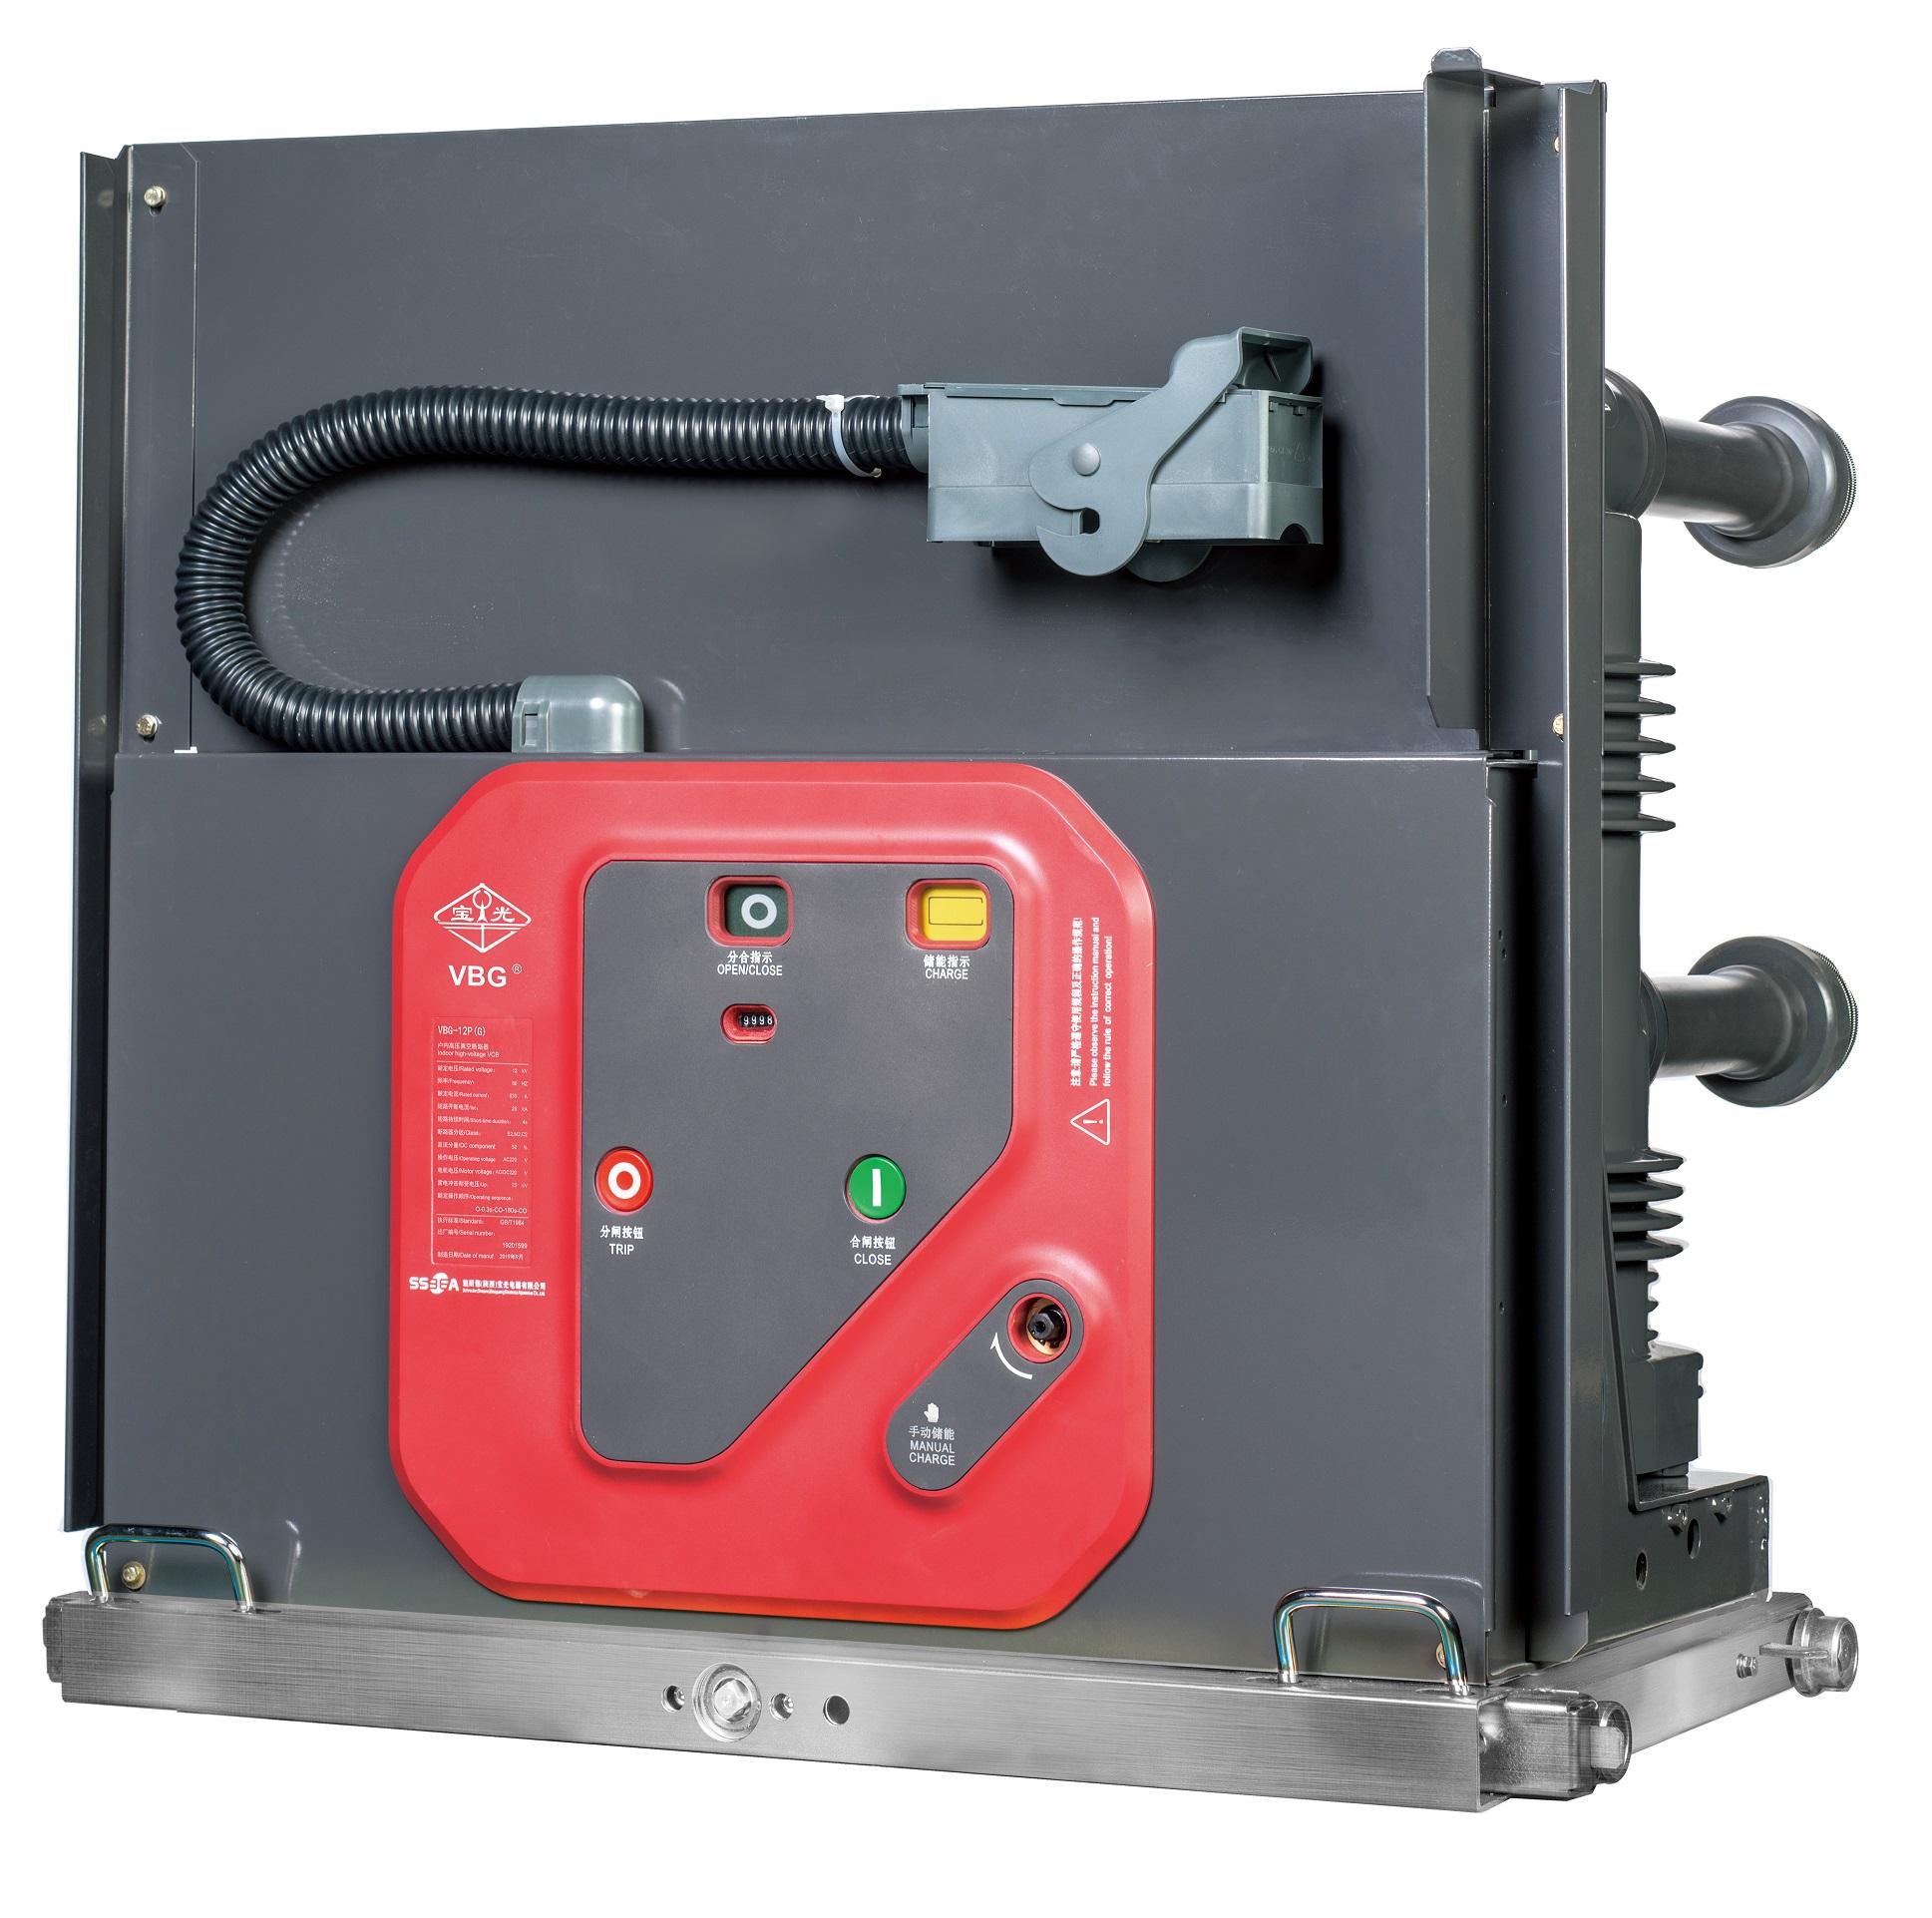 VBG-12P(G)系列固封極柱式戶內高壓真空斷路器